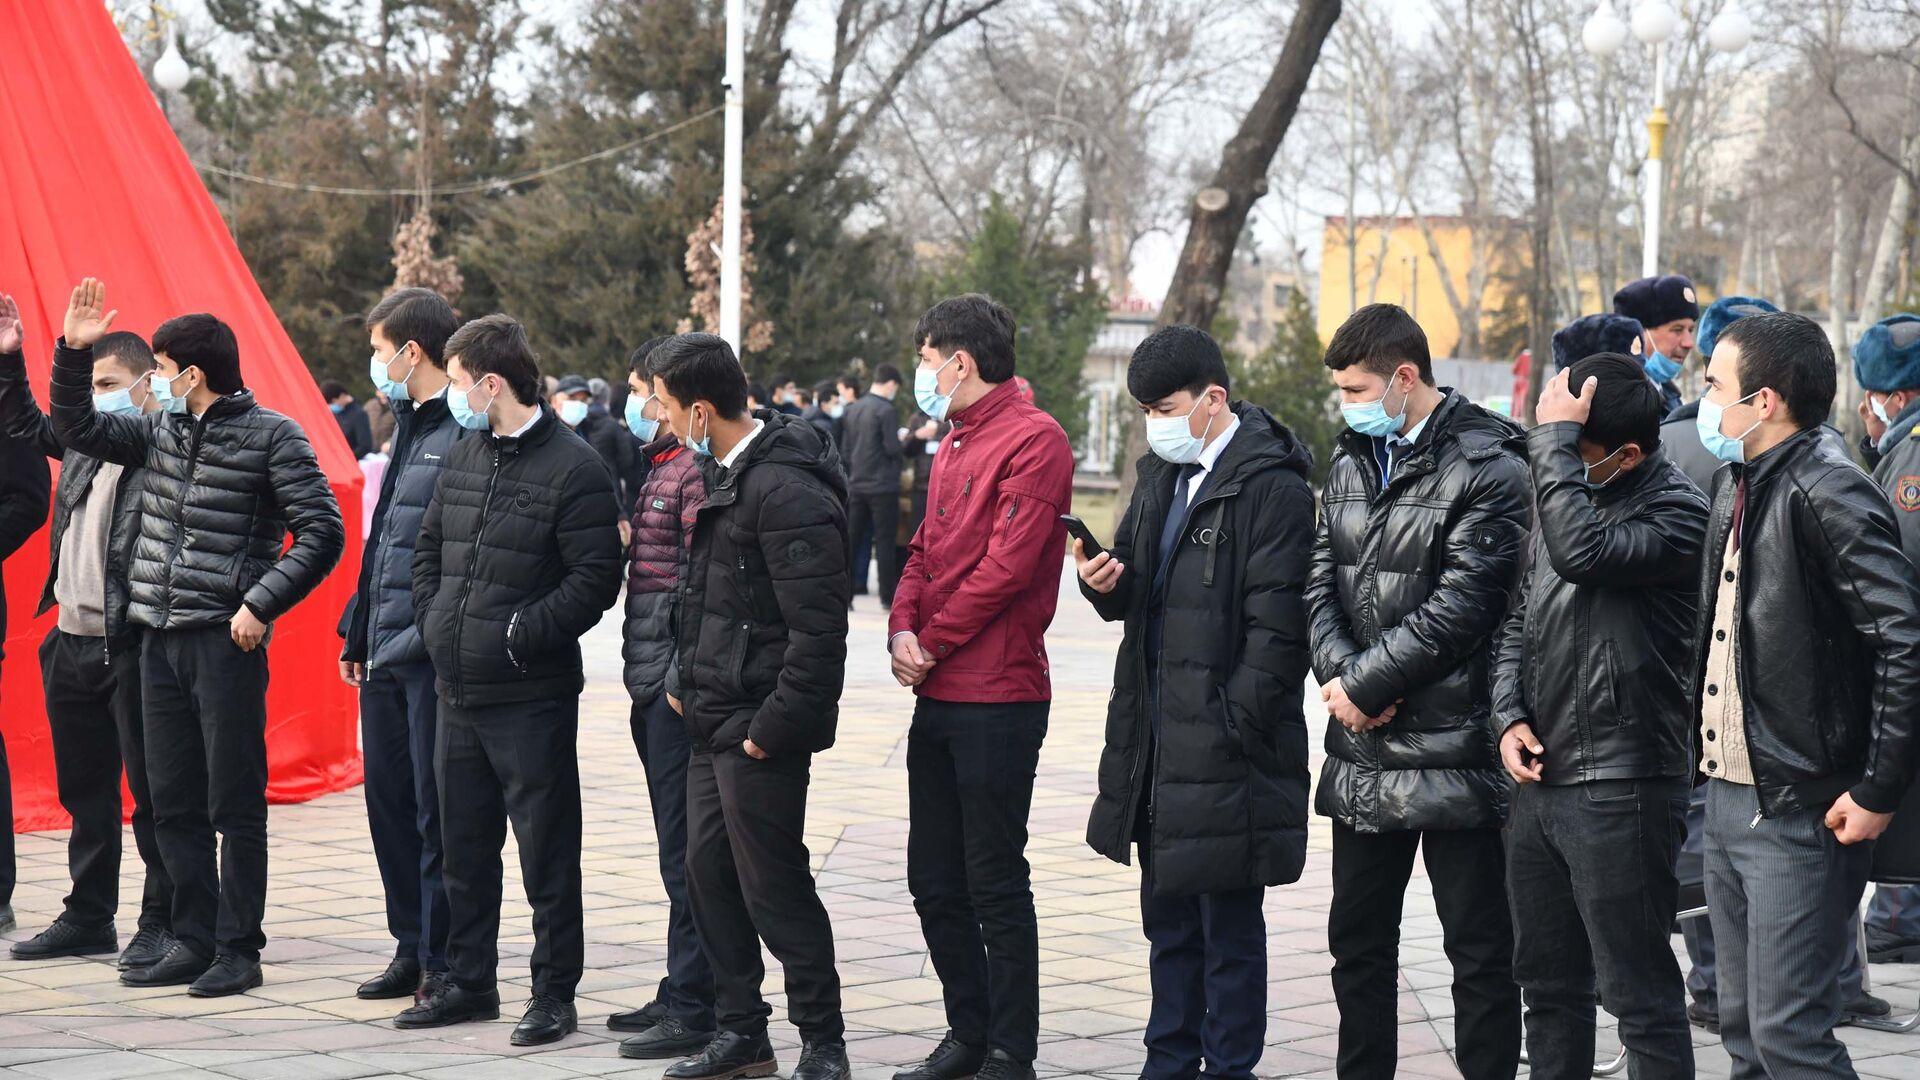 Молодые люди в Душанбе на празднике Сада - Sputnik Таджикистан, 1920, 08.04.2021